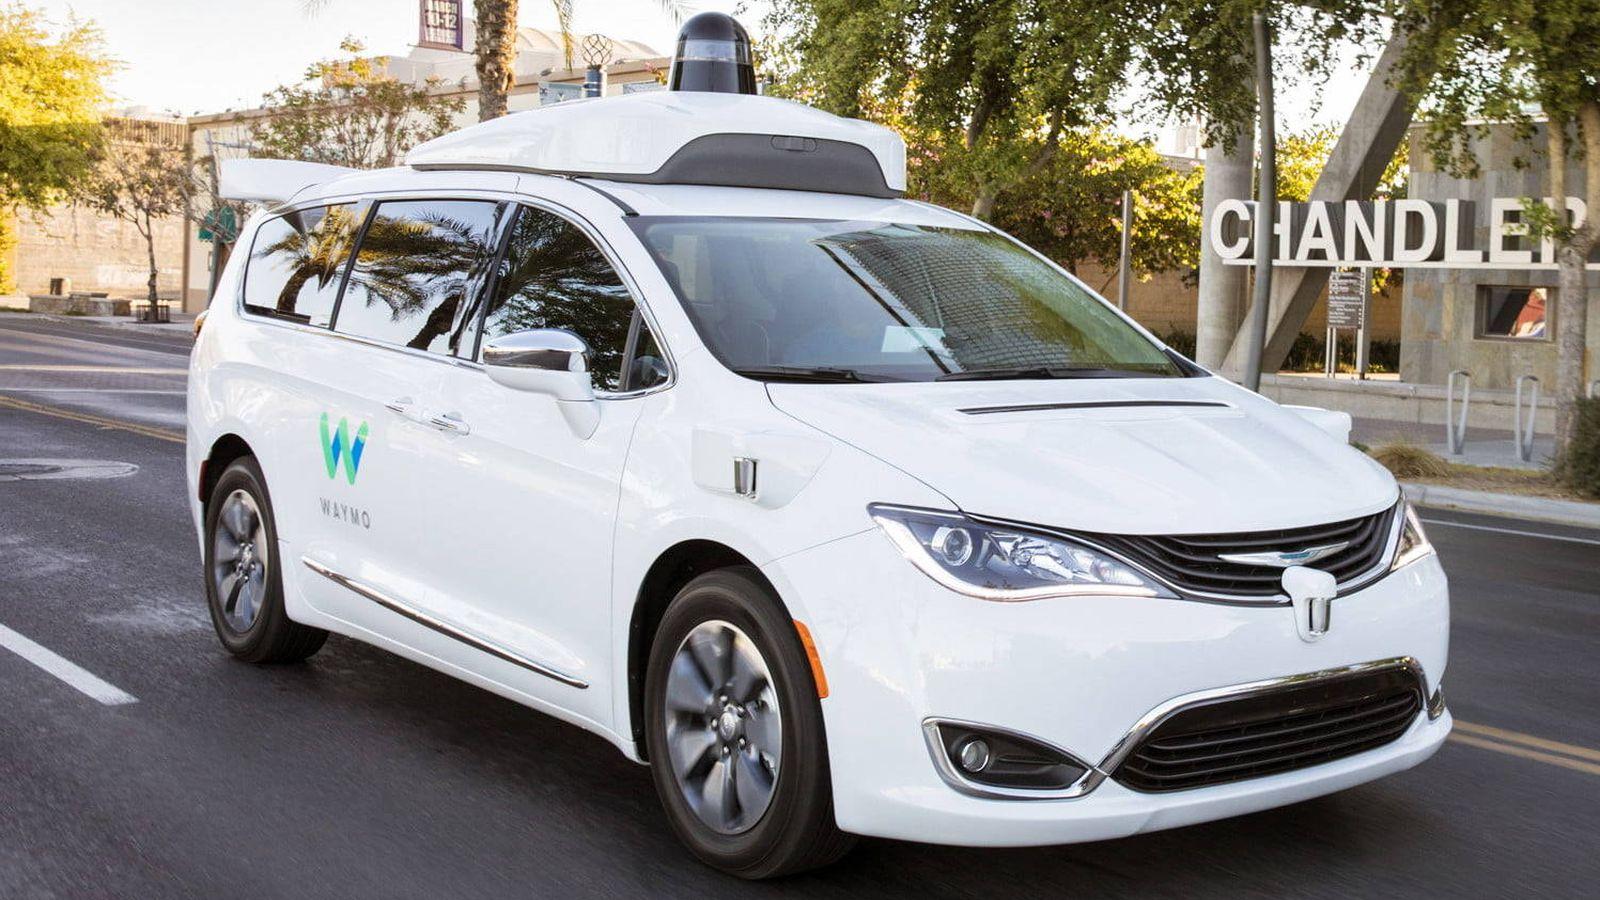 Google: Los 'taxis' autónomos ya son una realidad, pero no son tan útiles  como se esperaba